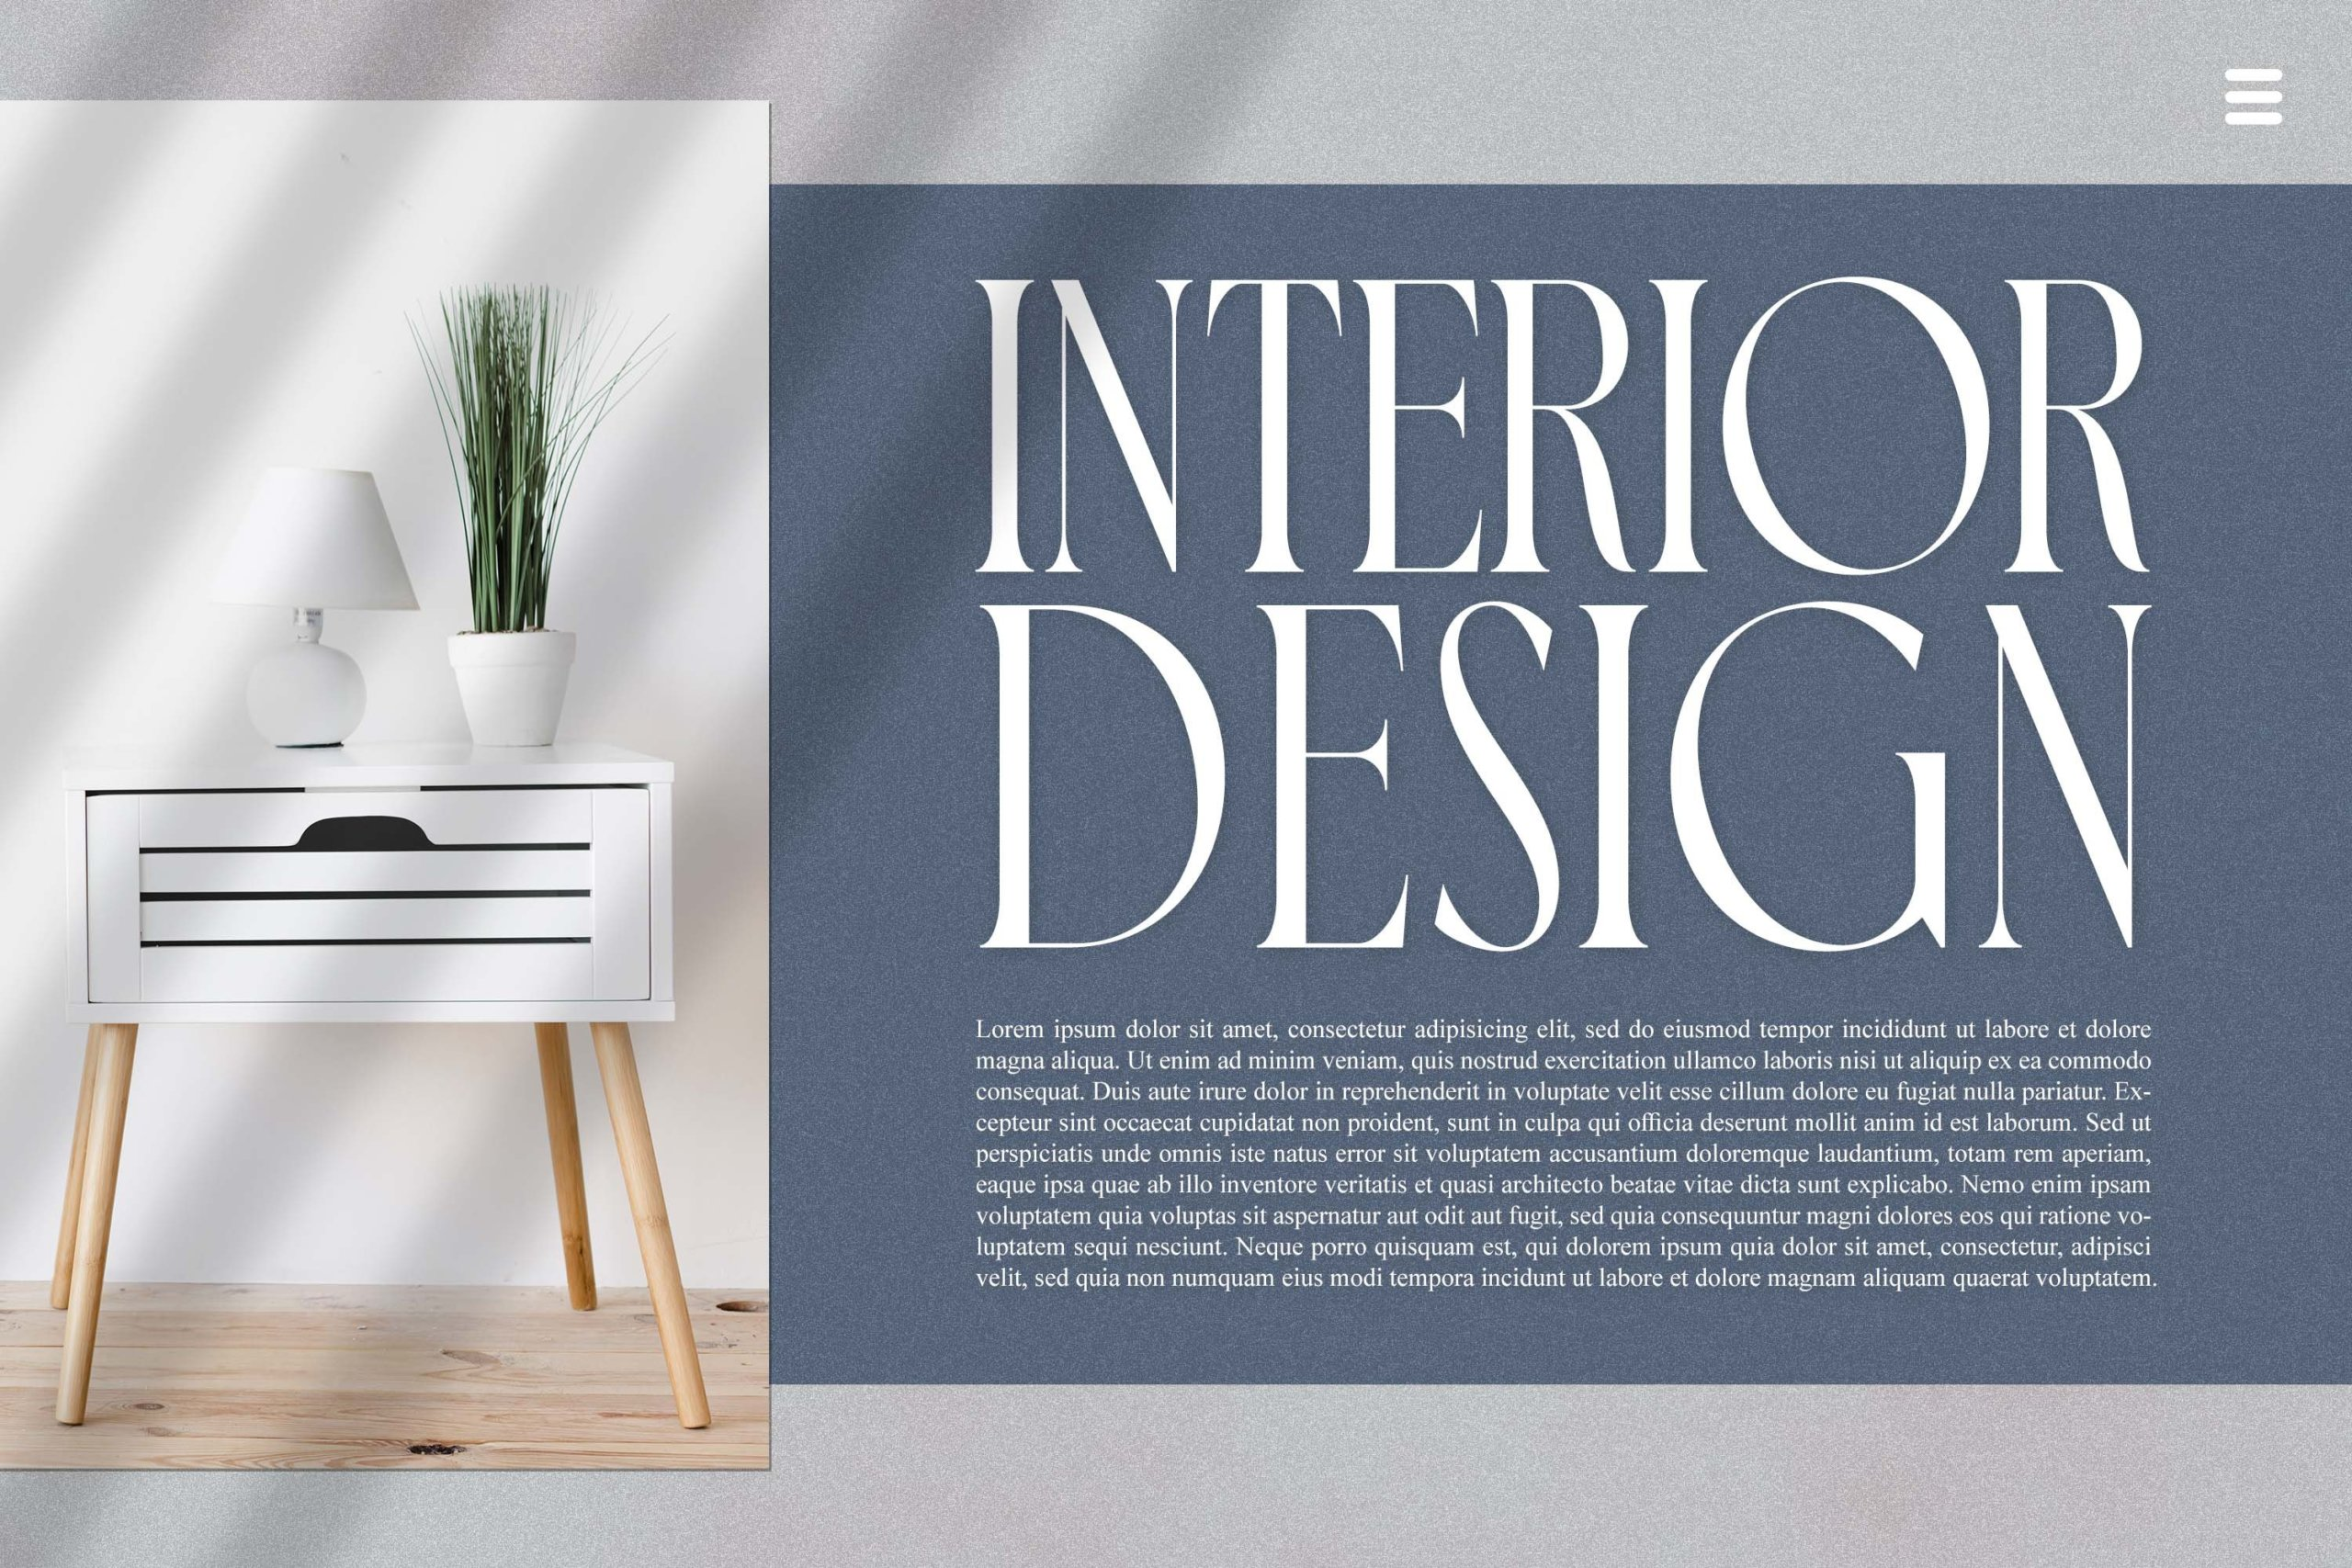 时尚极简现代品牌Logo标题衬线英文字体设计素材 Luxoorea – Stylish Display Serif插图2